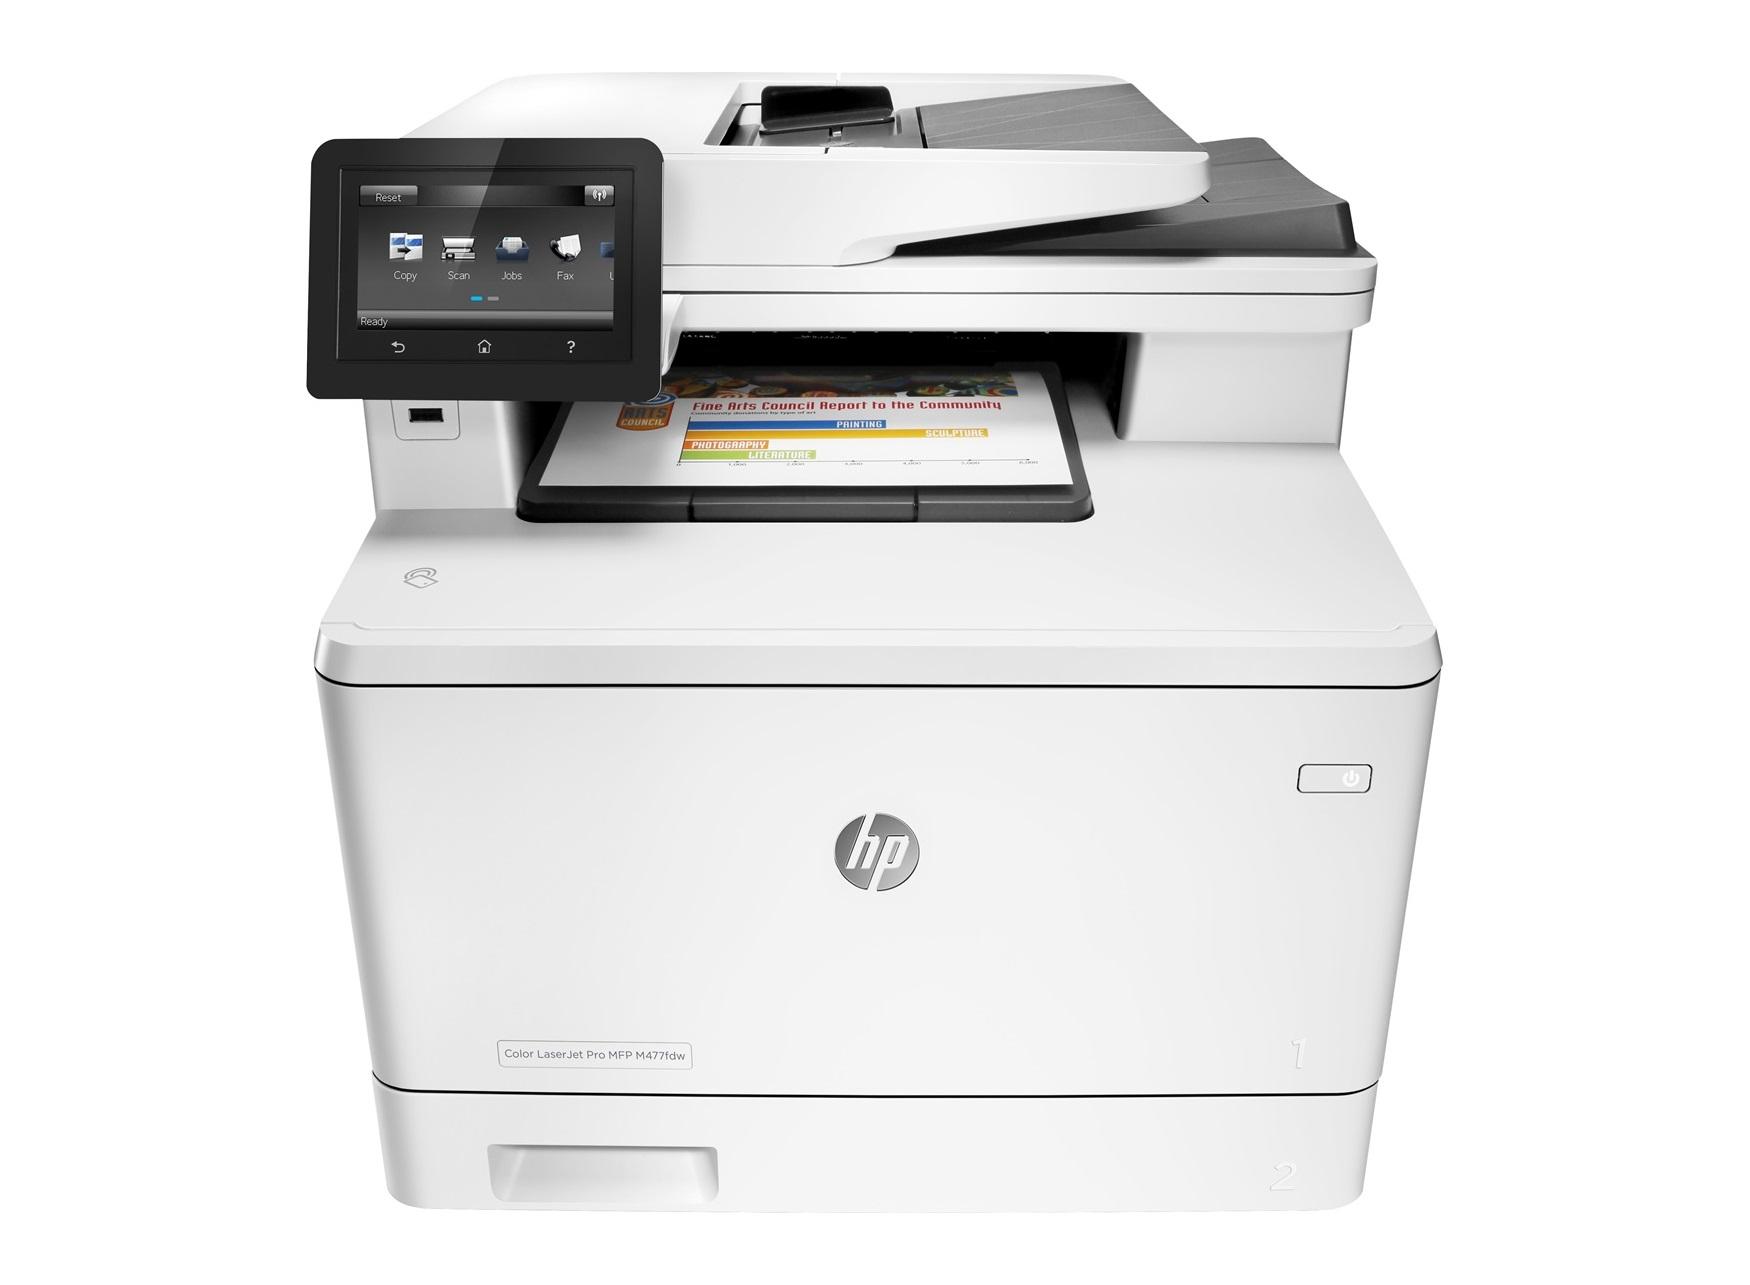 imprimante mfp